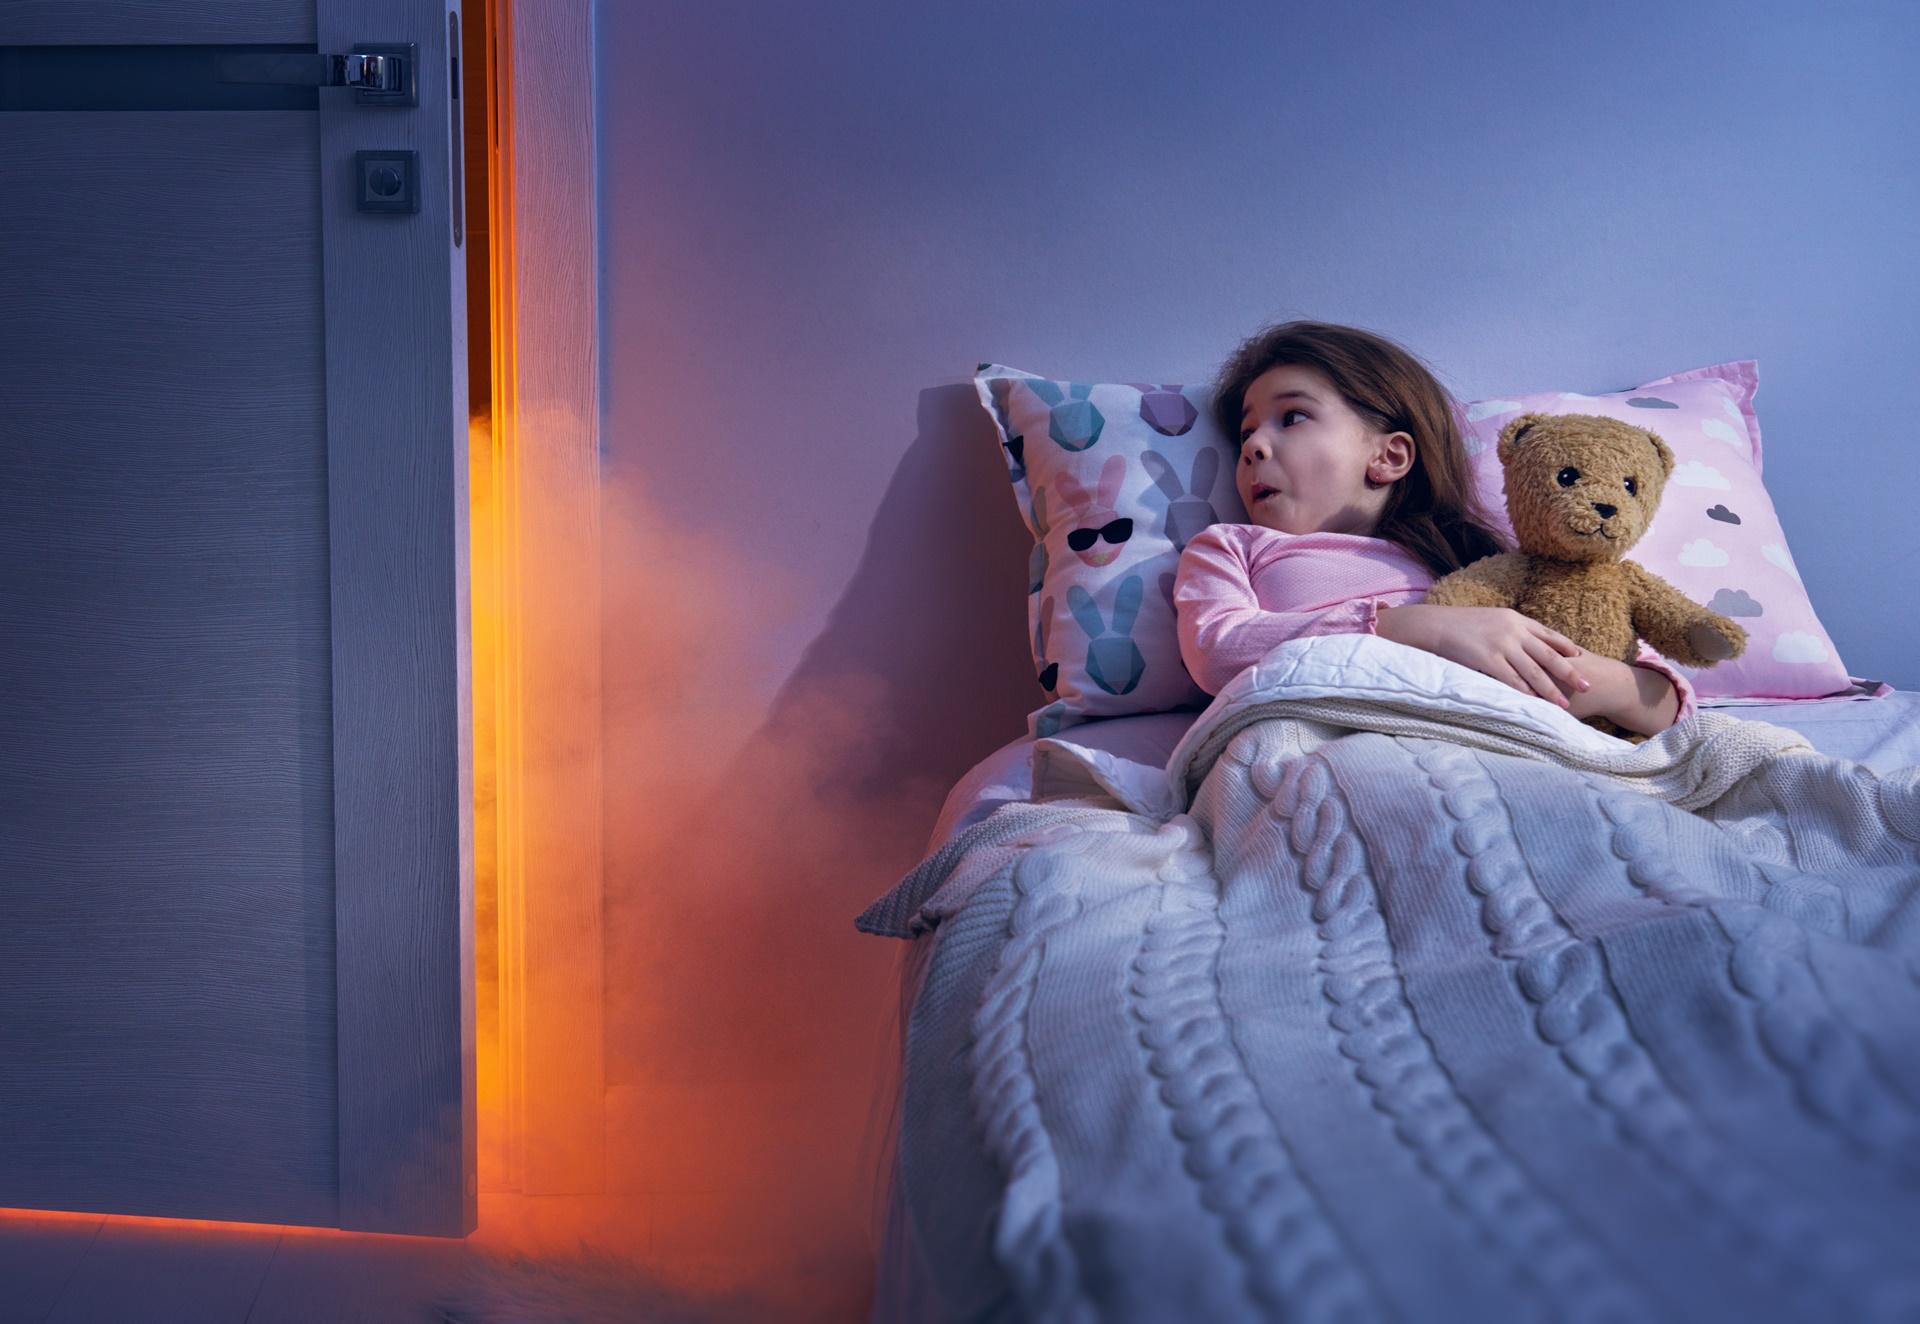 Medo de dormir sozinho é normal na infância?